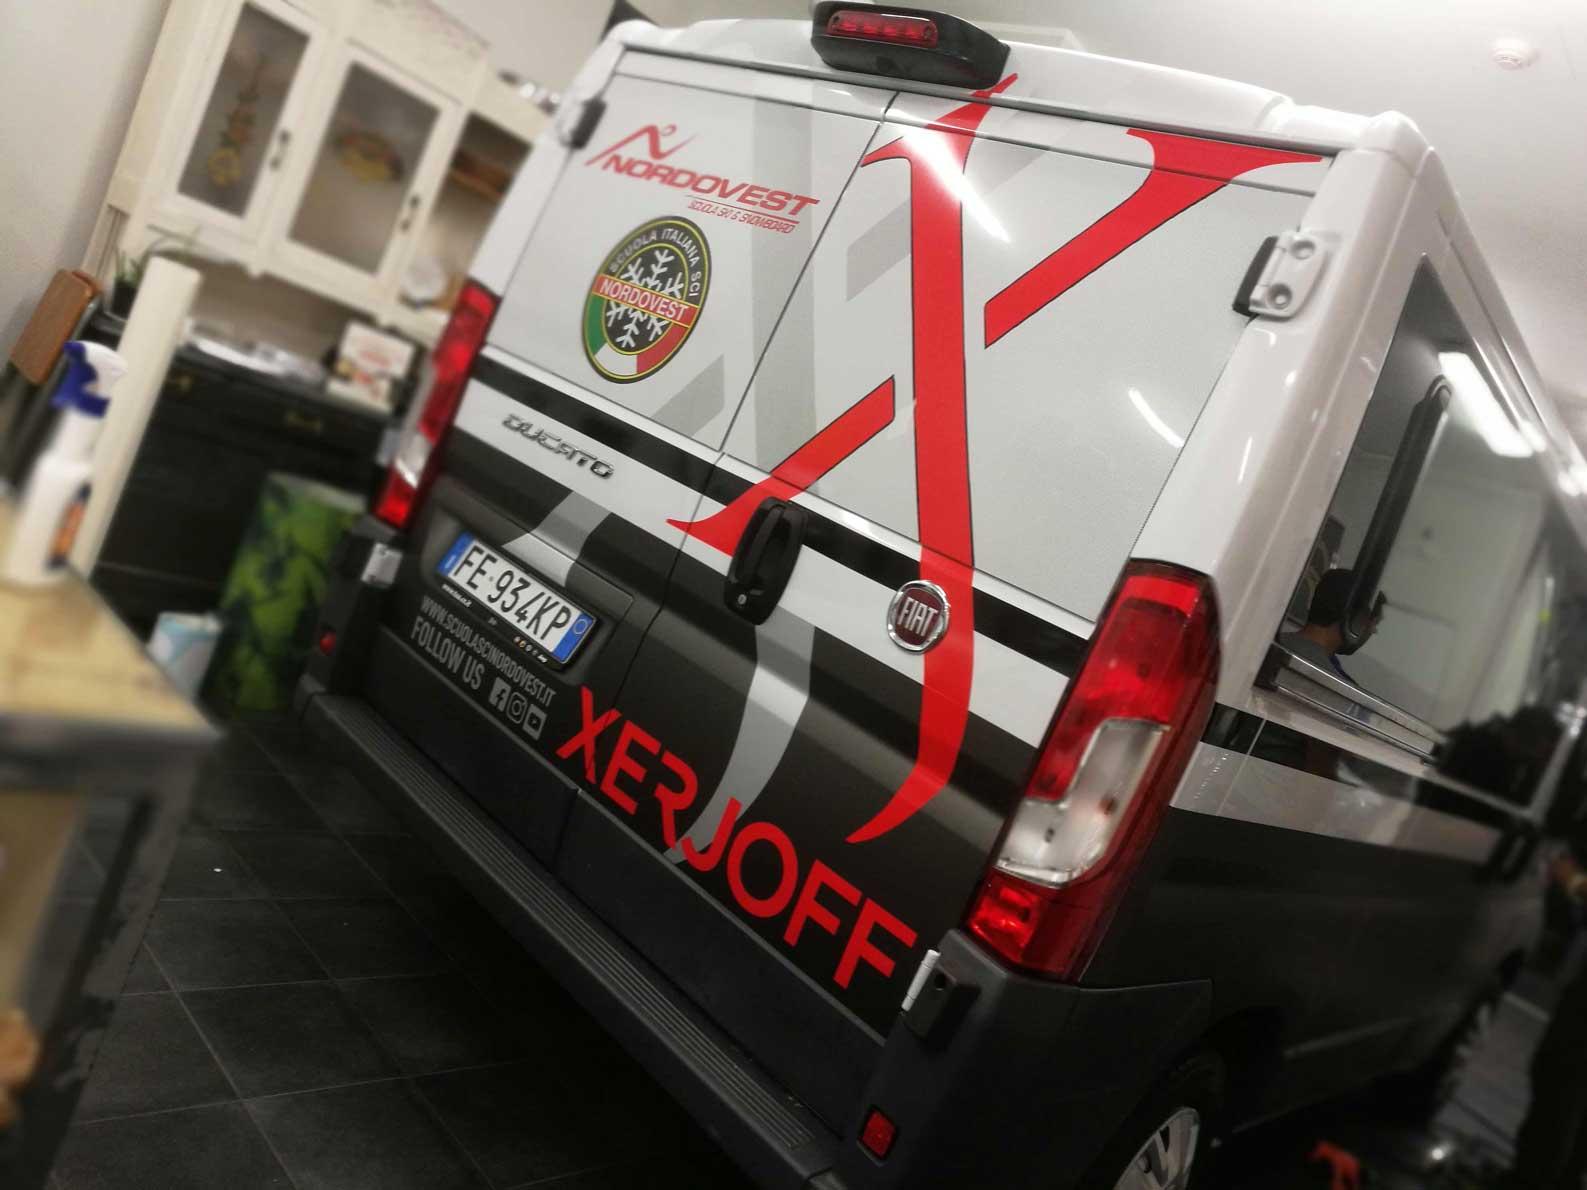 Retro del furgone di Scuola di sci Nordovest Bardonecchia, particolari in adesivo per veicolo.